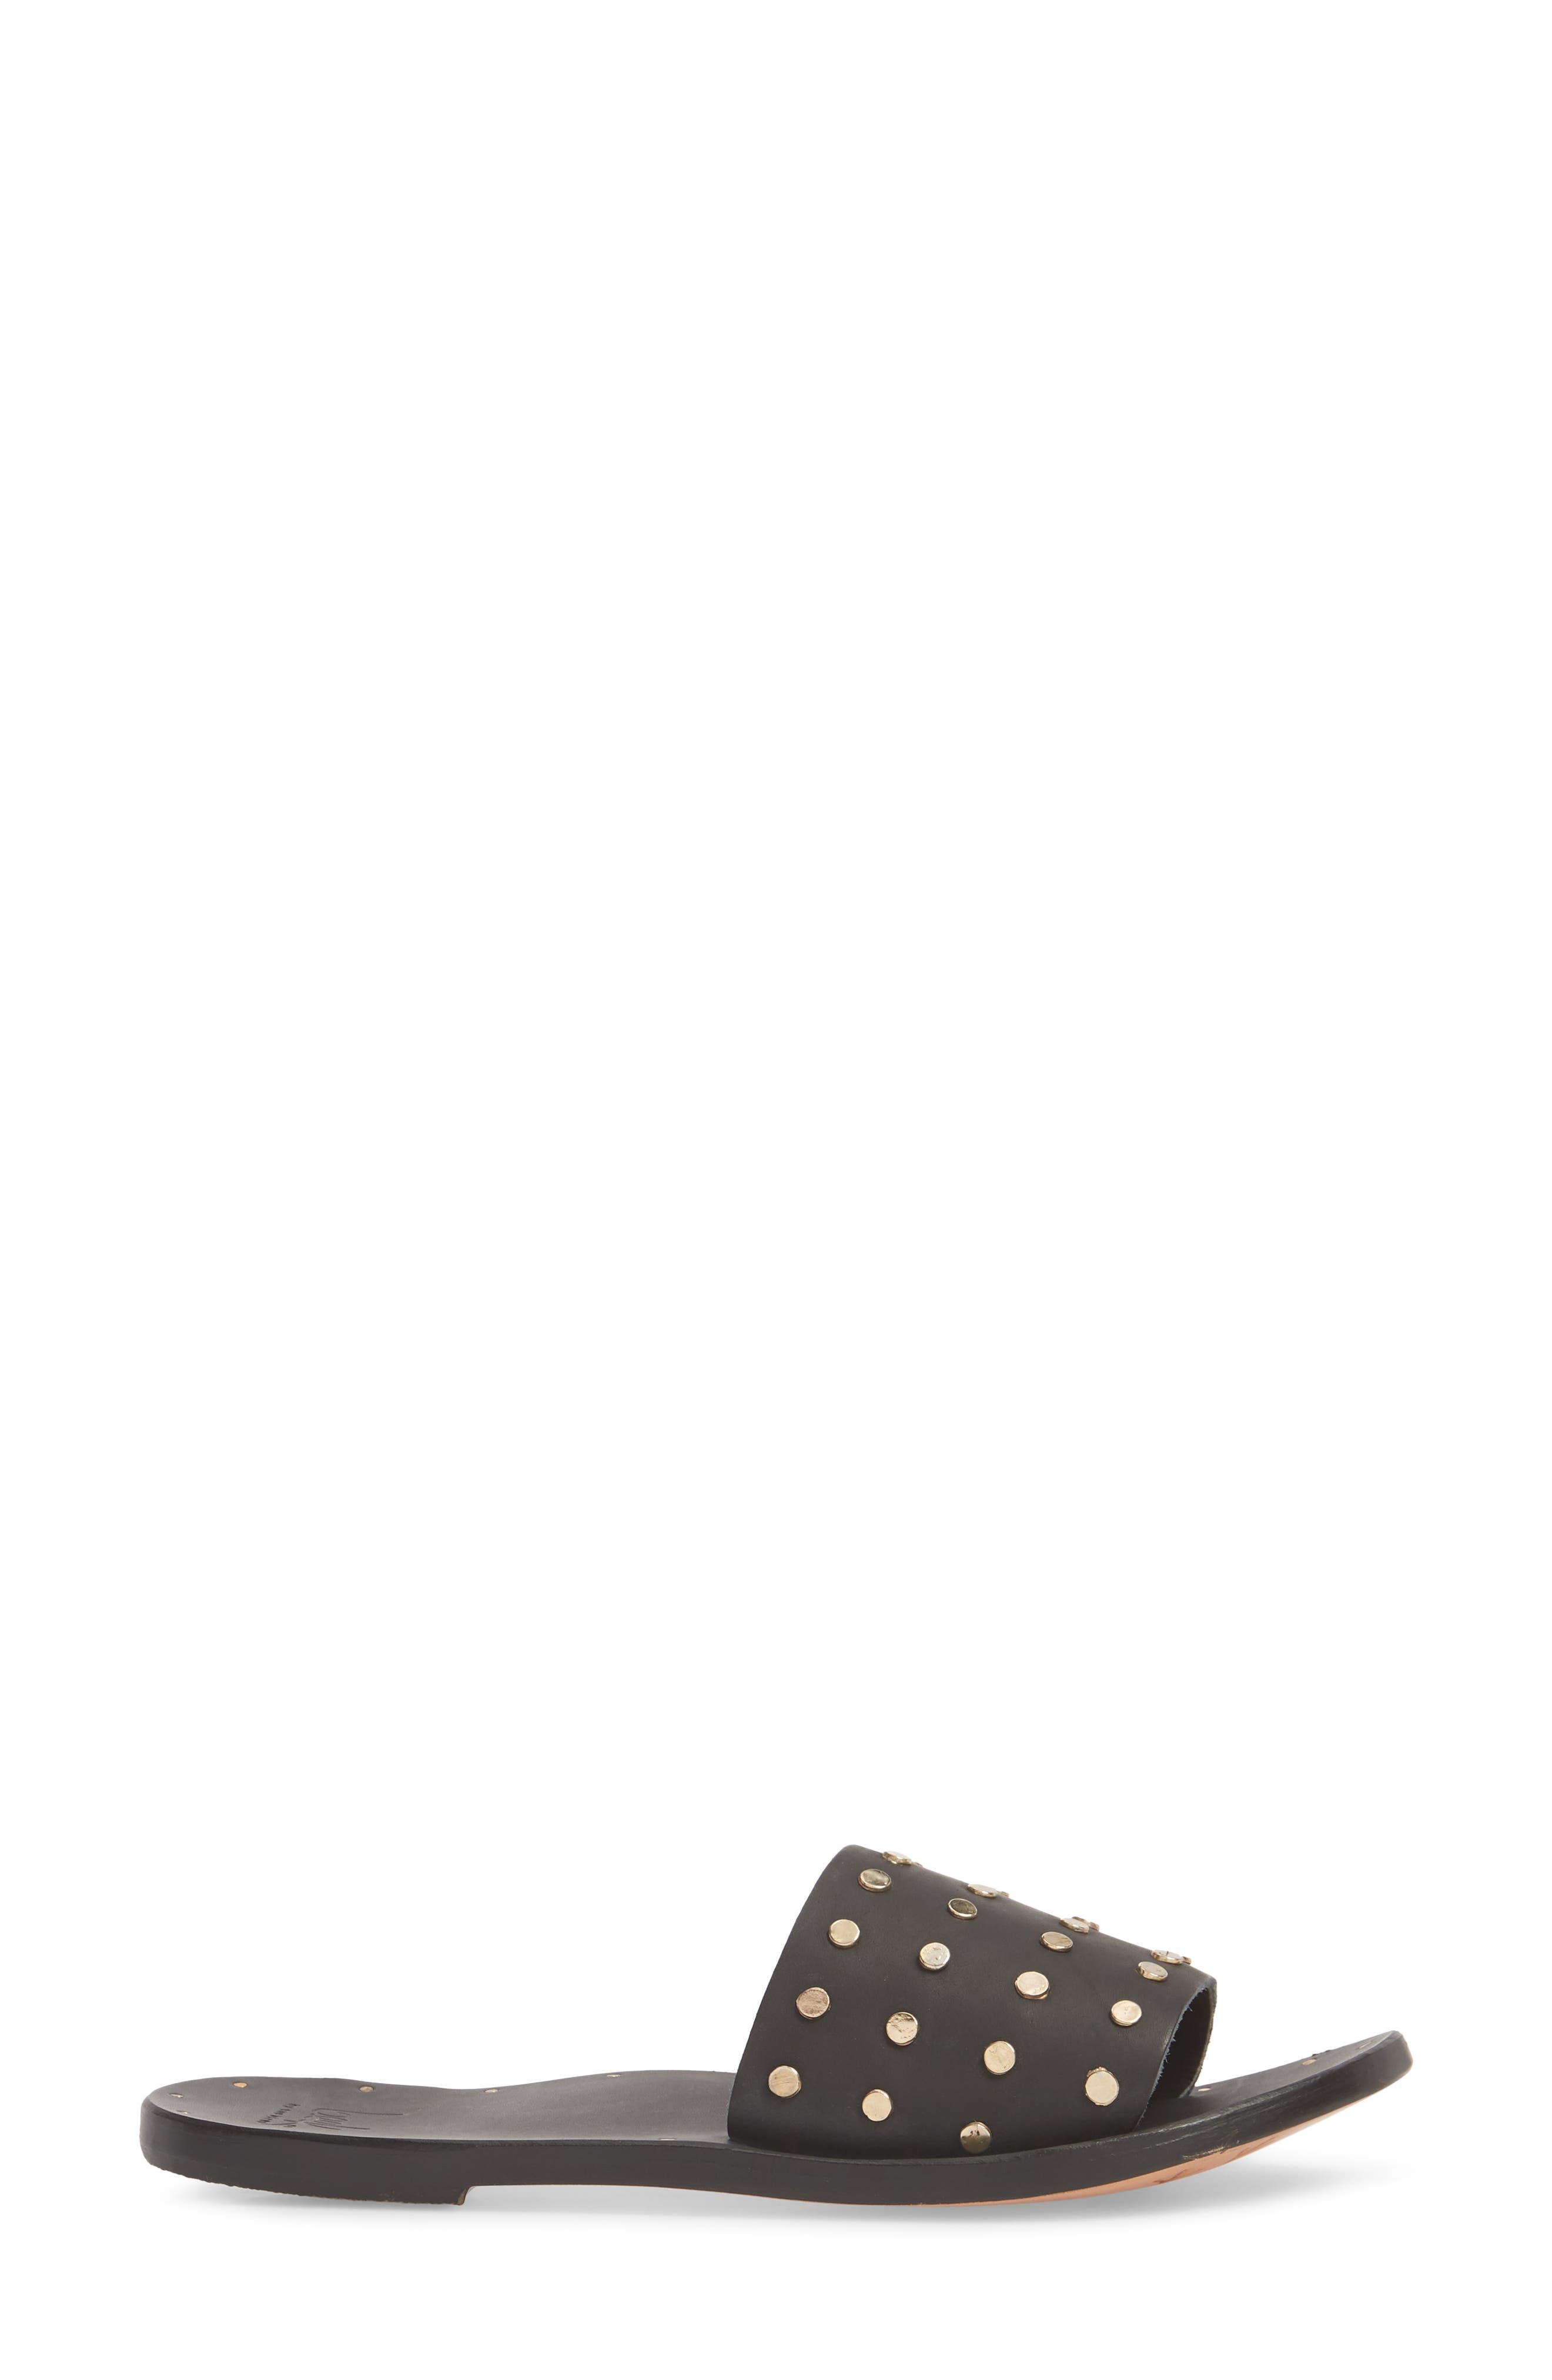 Lovebird Embroidered Slide Sandal,                             Alternate thumbnail 3, color,                             001